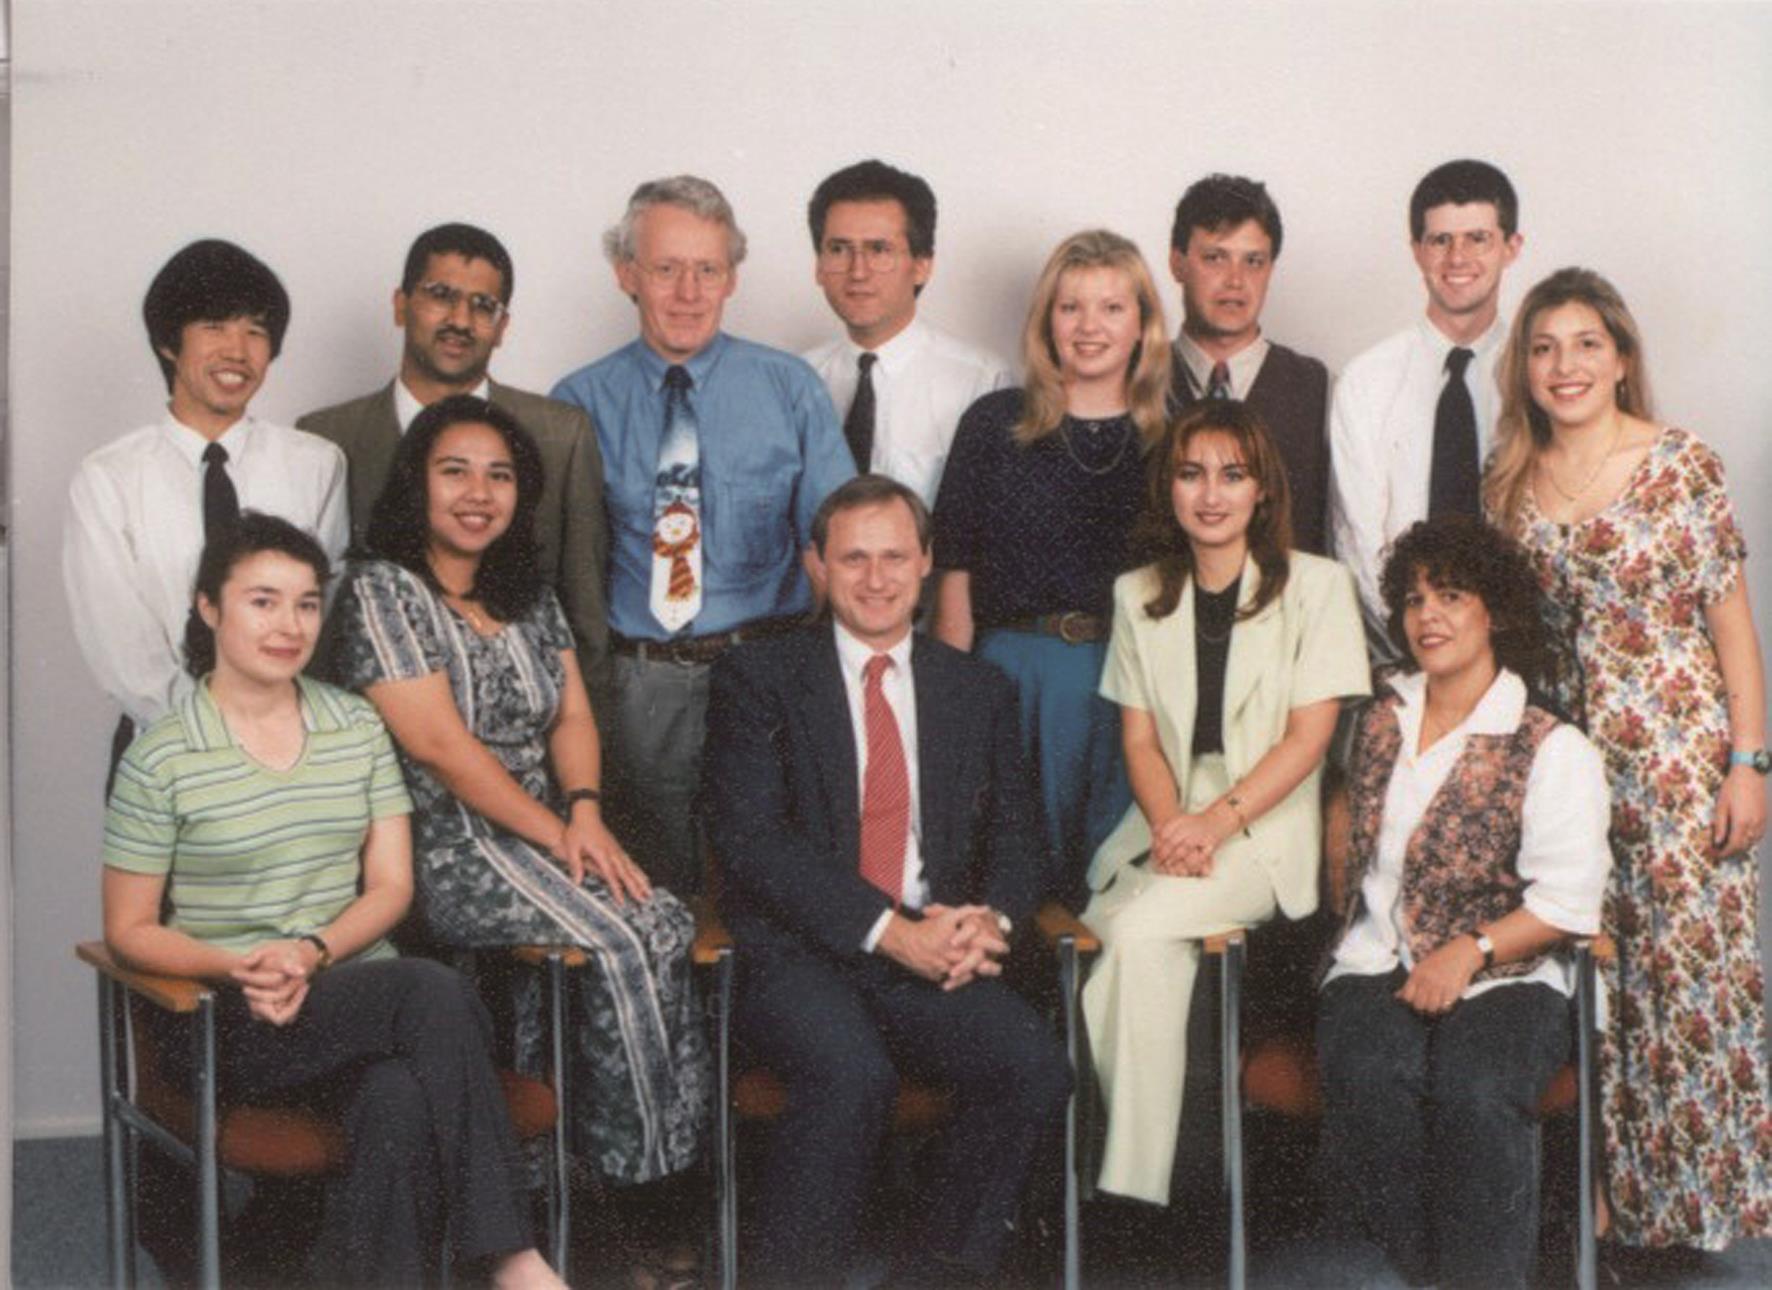 Nicholas J. Talley教授在Nepean Hospital的科研团队。